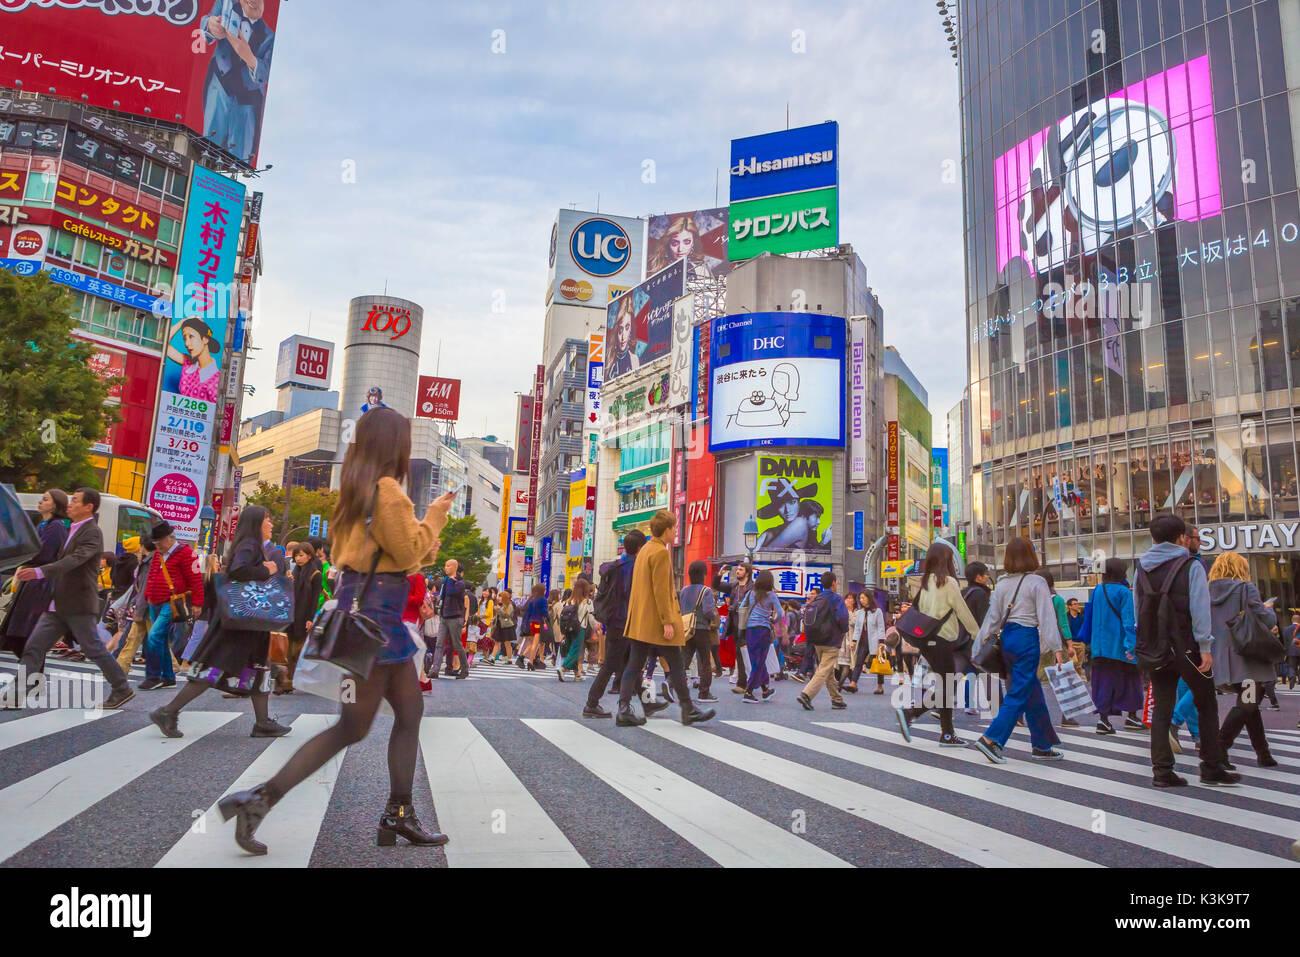 Japan, Tokyo, Stadt, Bezirk, in der Nähe von Shibuya Shibuya Station Stockbild